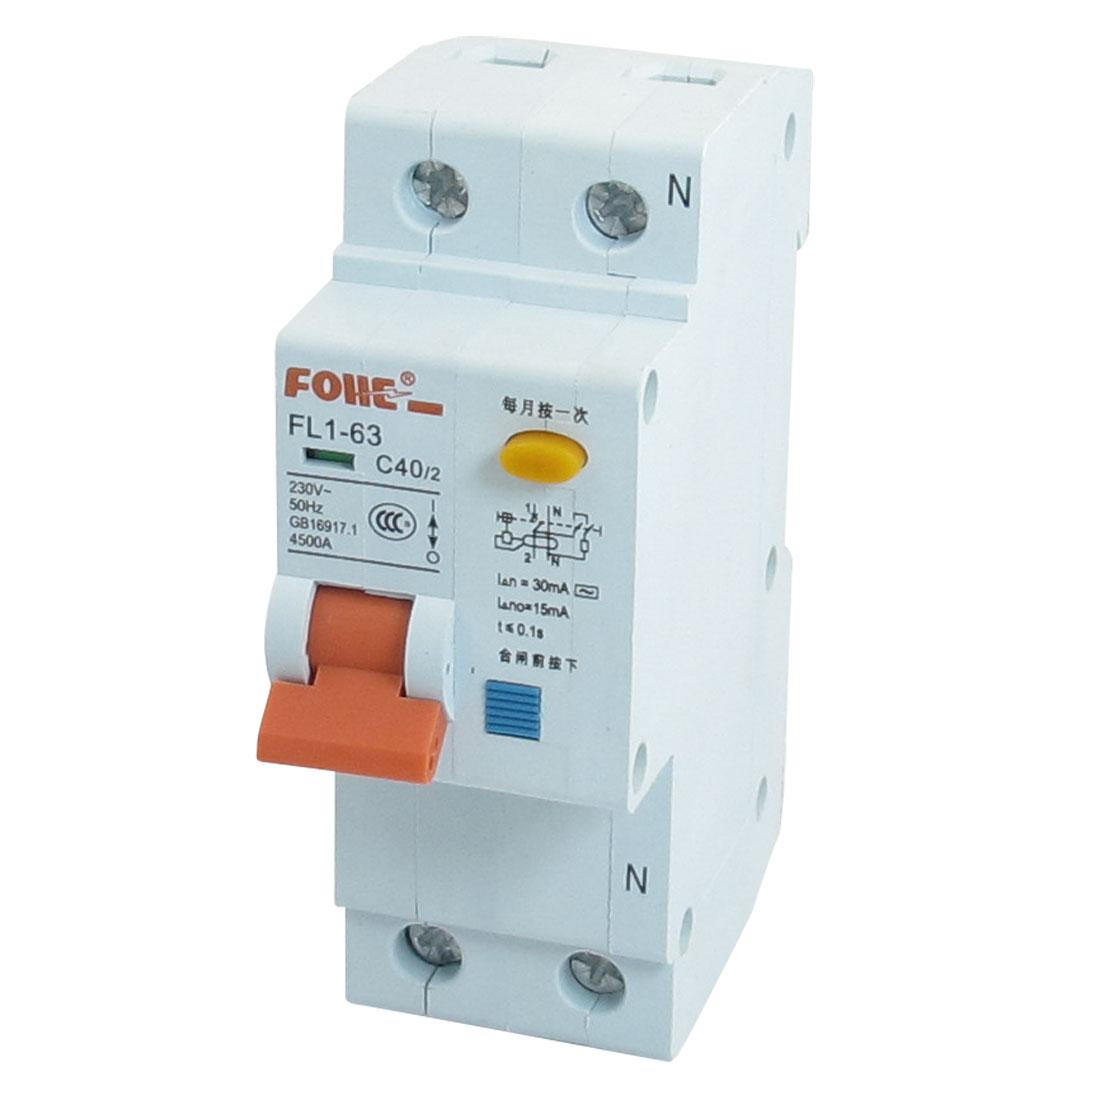 AC 230V 40A 4500A 1P 1P+N Miniature Circuit Breaker DIN Rail FL1-63 C40